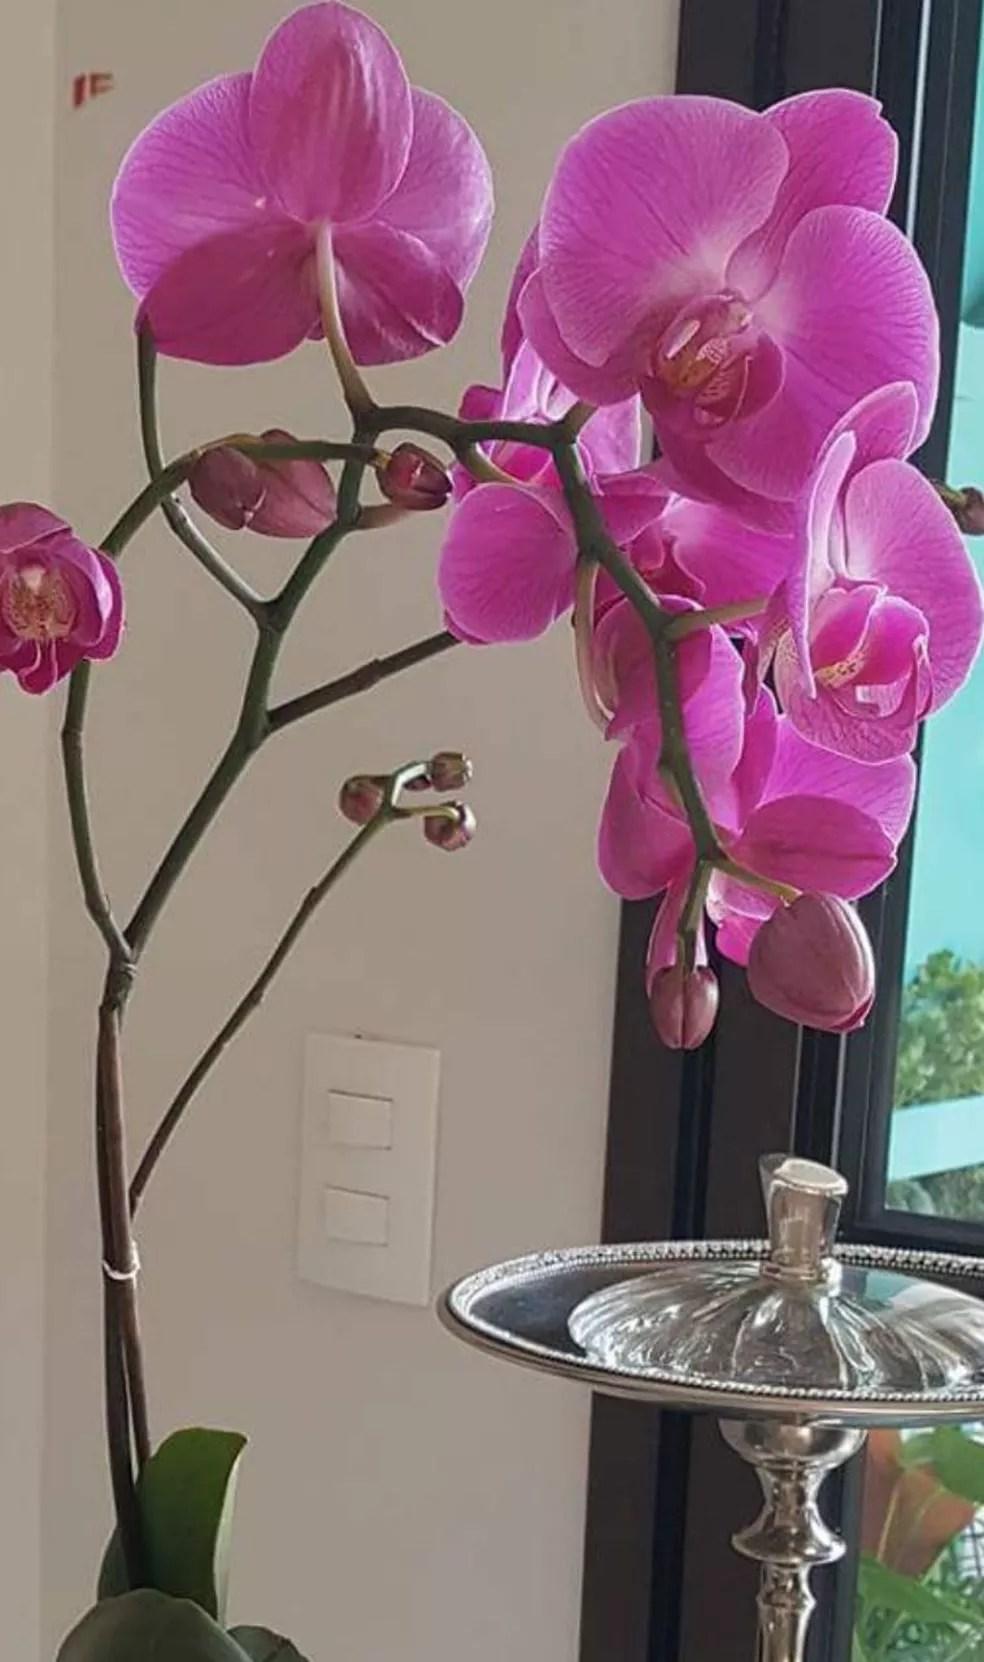 Ana Rosellis, do Bairro Maracanã em Uberlândia, mostrou a orquídea da casa dela.  (Foto: Ana Rosellis Alcoforado/Arquivo Pessoal.)